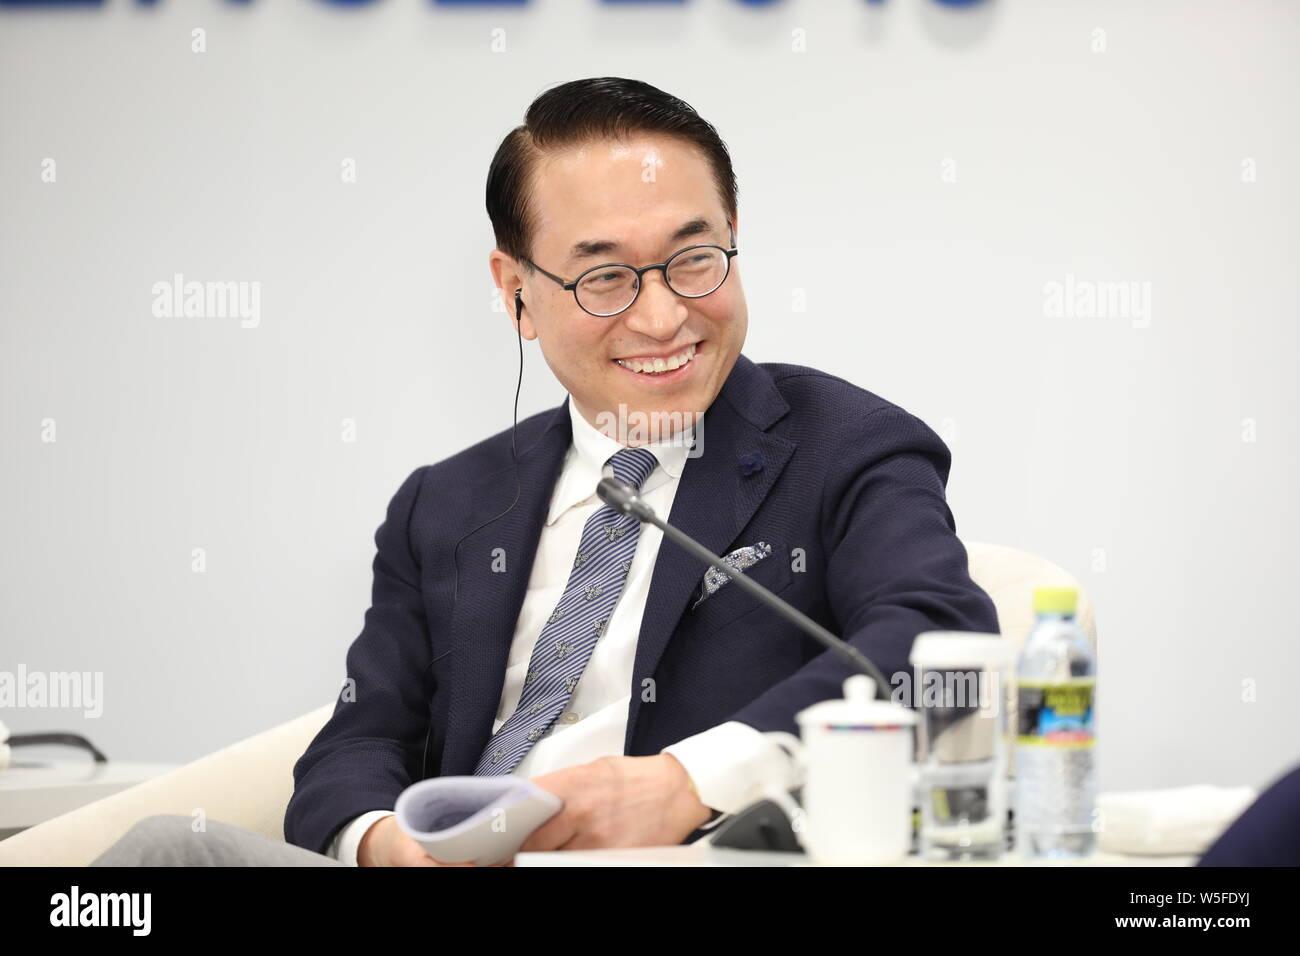 Samsung Sds Stock Photos & Samsung Sds Stock Images - Alamy